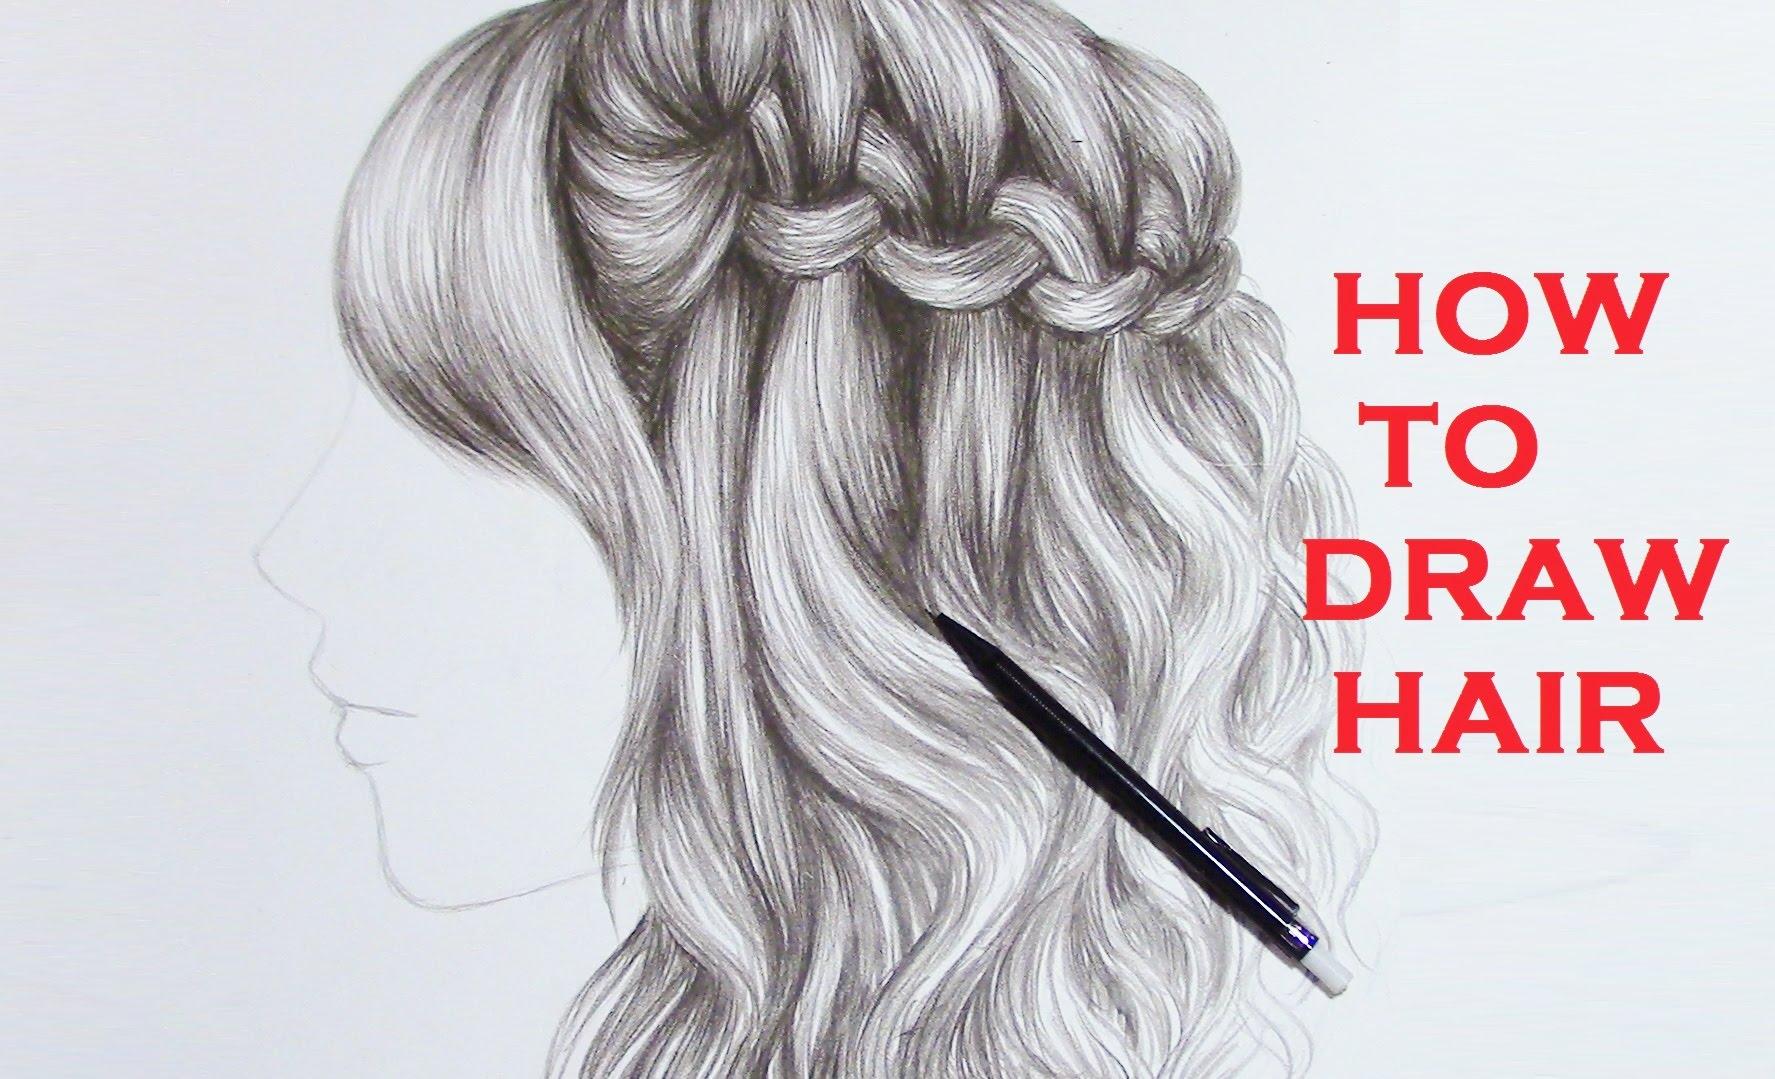 Drawn braid braided hair Hair YouTube Hair Braid Braid